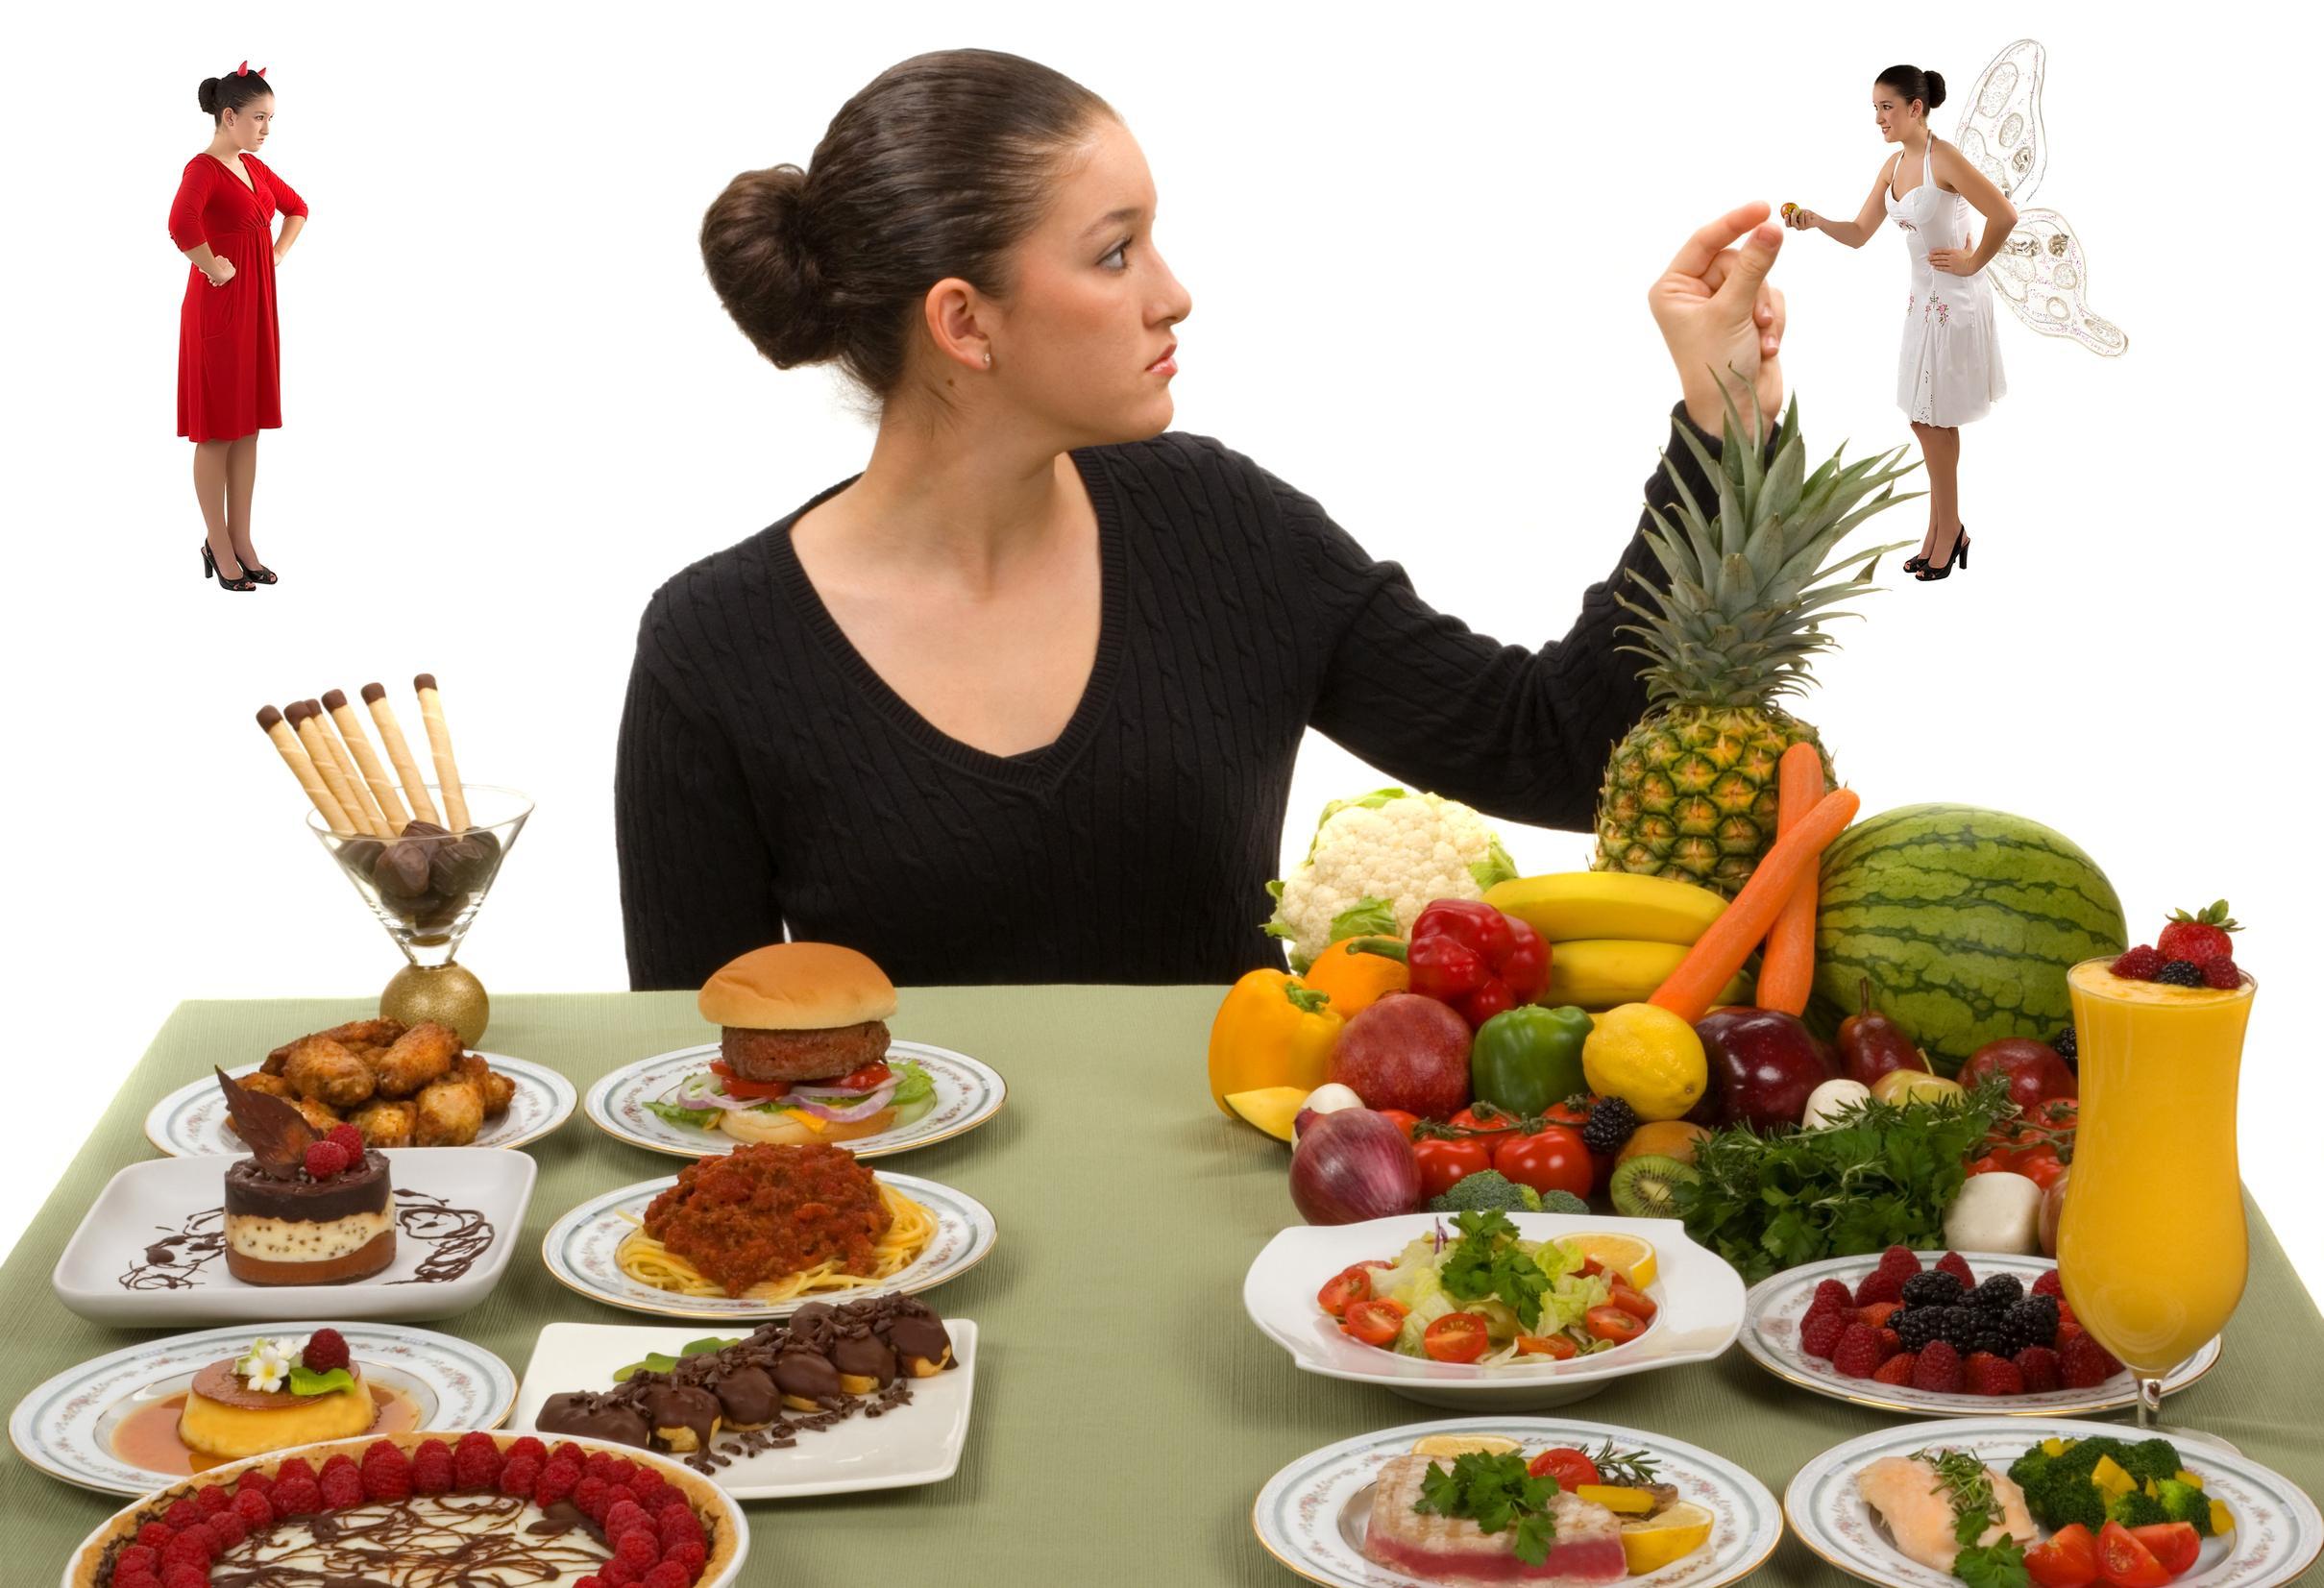 Duygusal açlığımız ve gece yemek